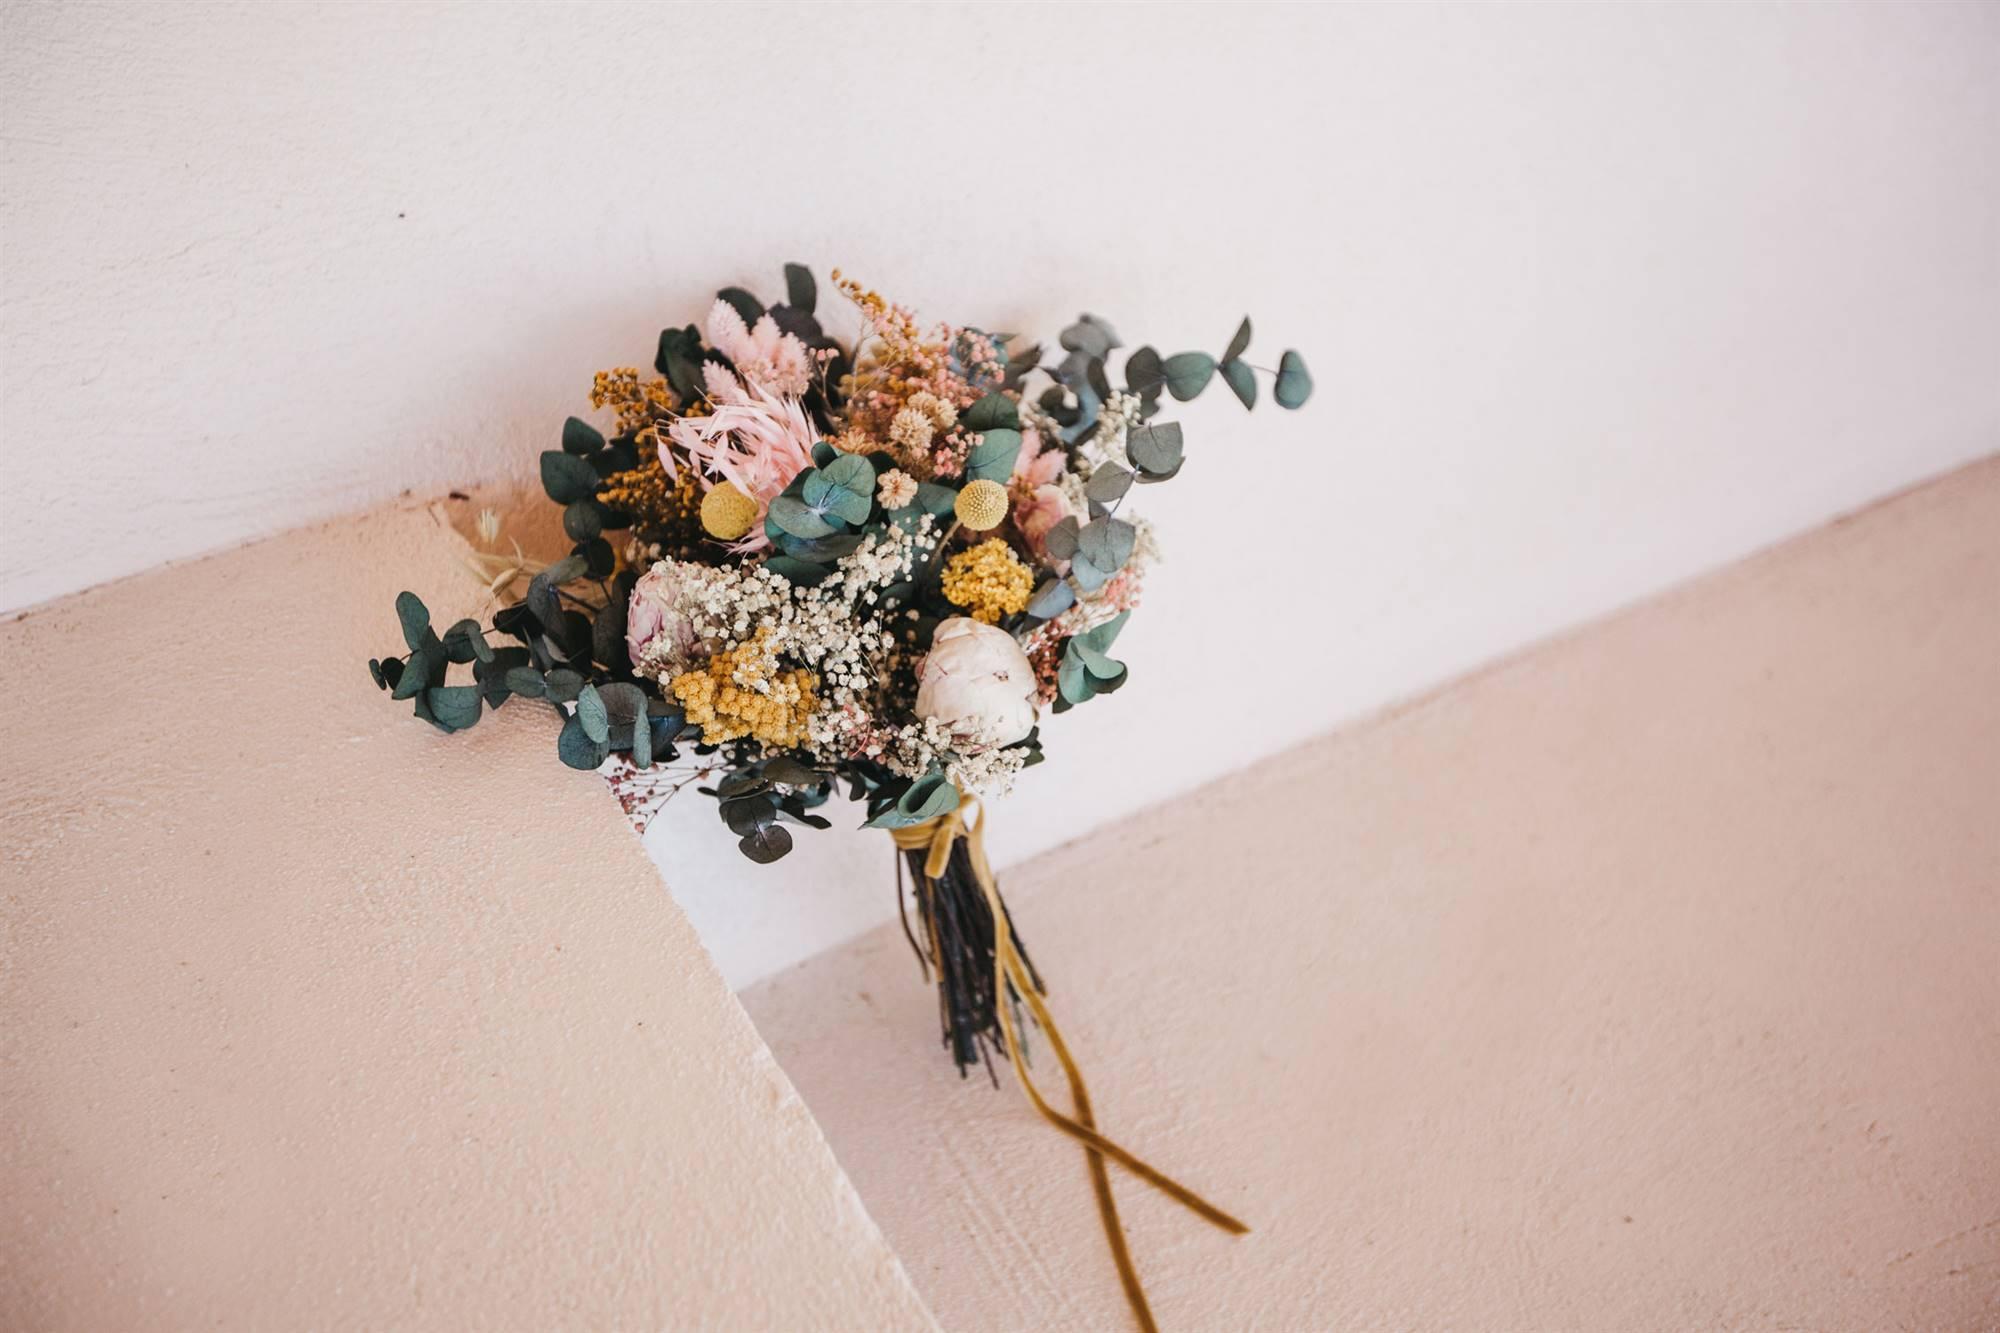 Flores Preservadas Qué Son Cuidados Y Cuánto Duran